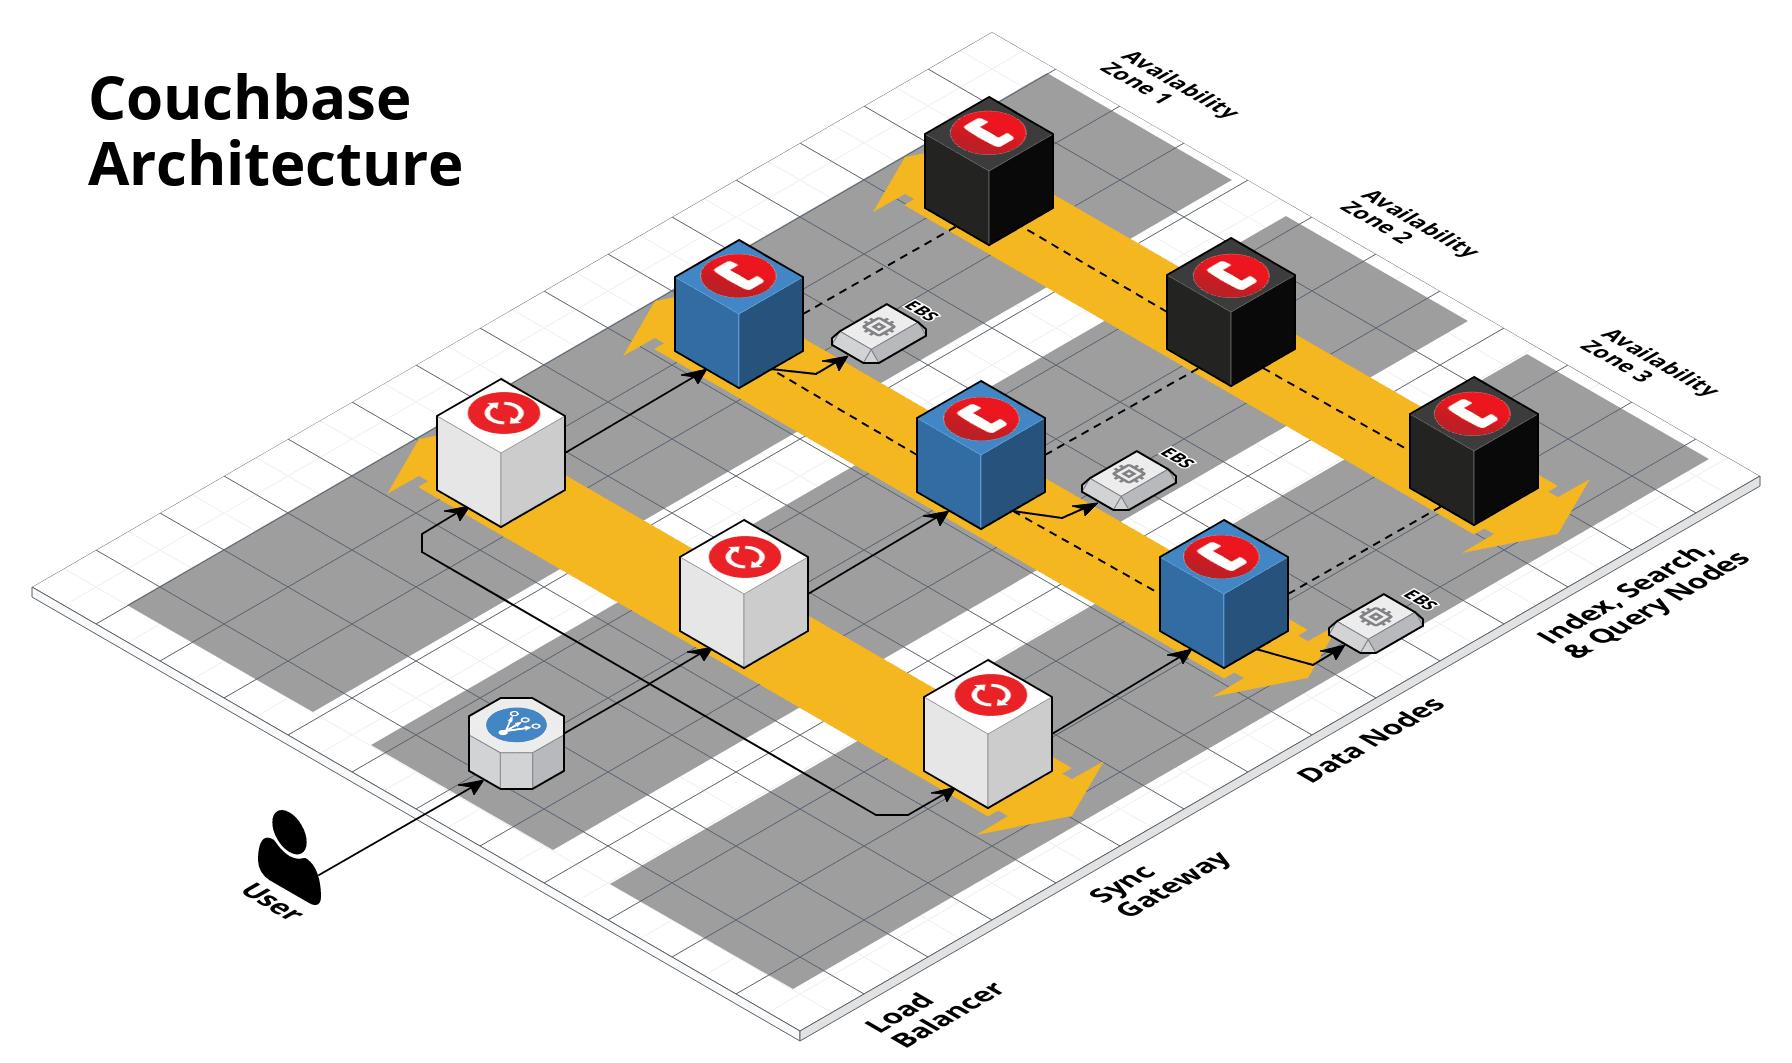 Couchbase multi-cluster architecture